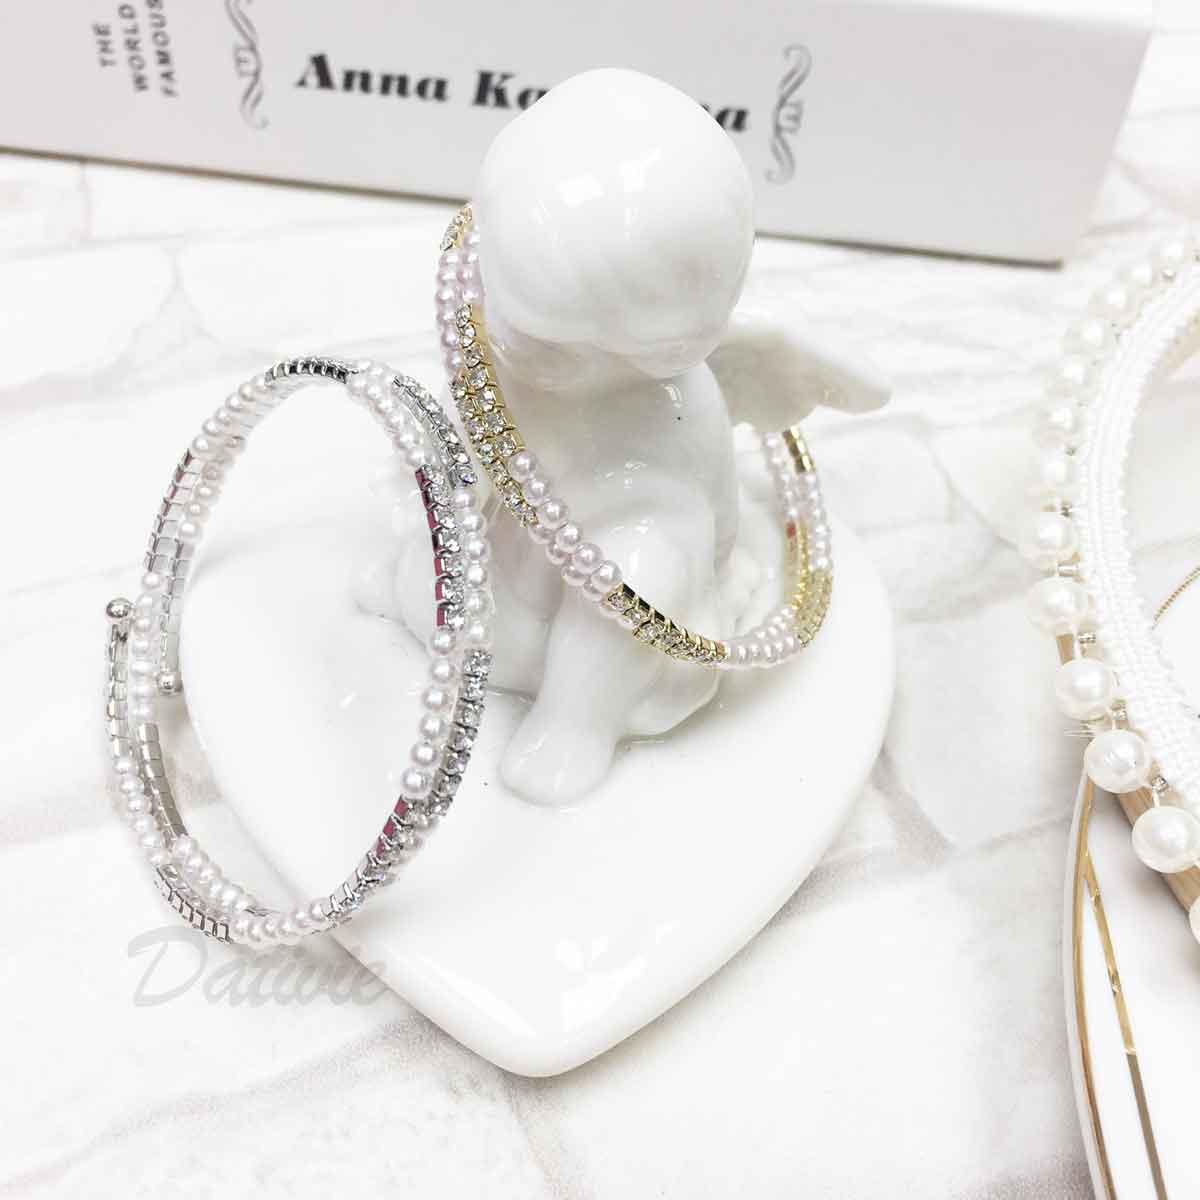 珍珠 水鑽 雙環圈 優雅氣質 2色 質感 手飾 手環